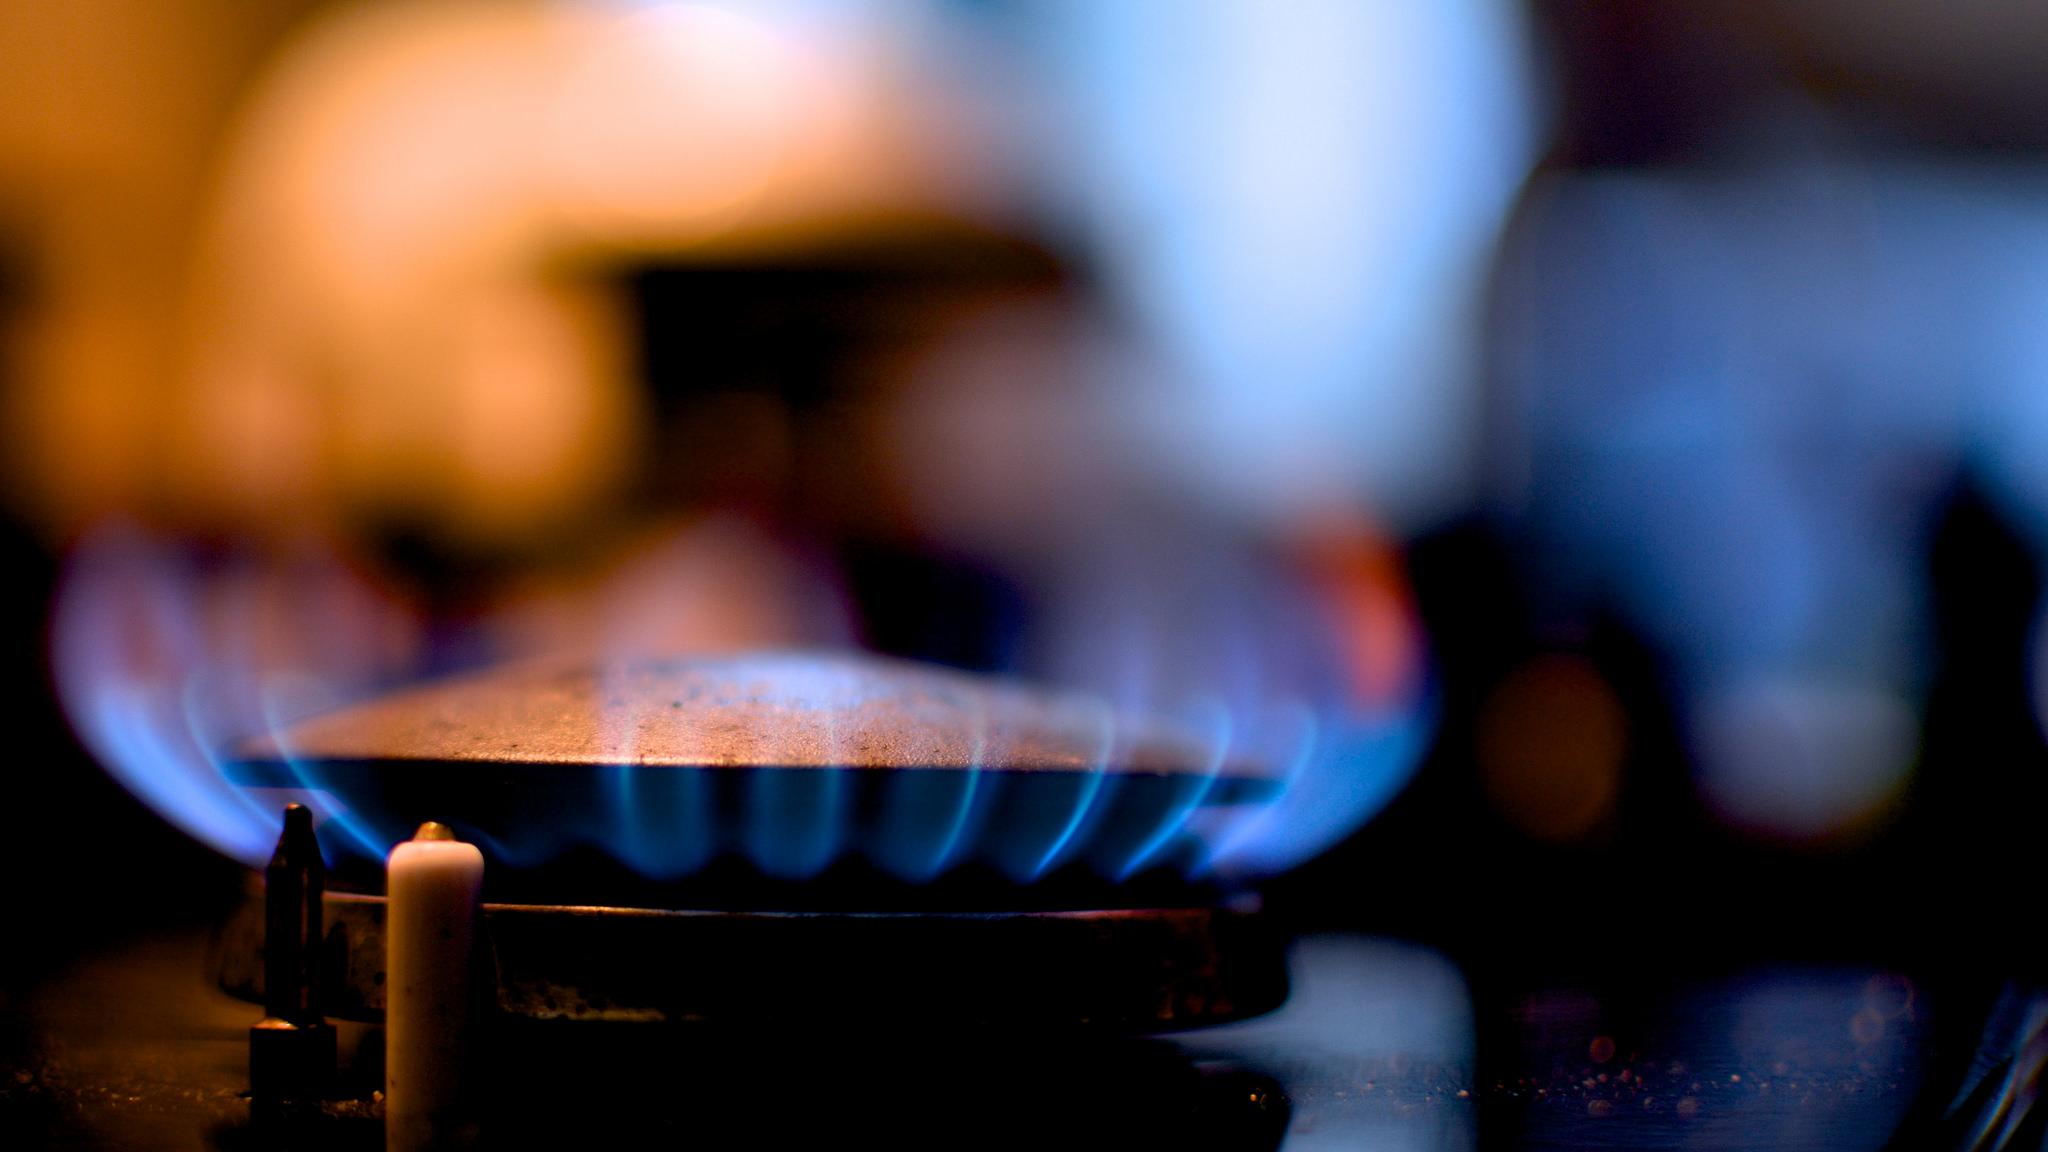 stove top desktop wallpaper 555